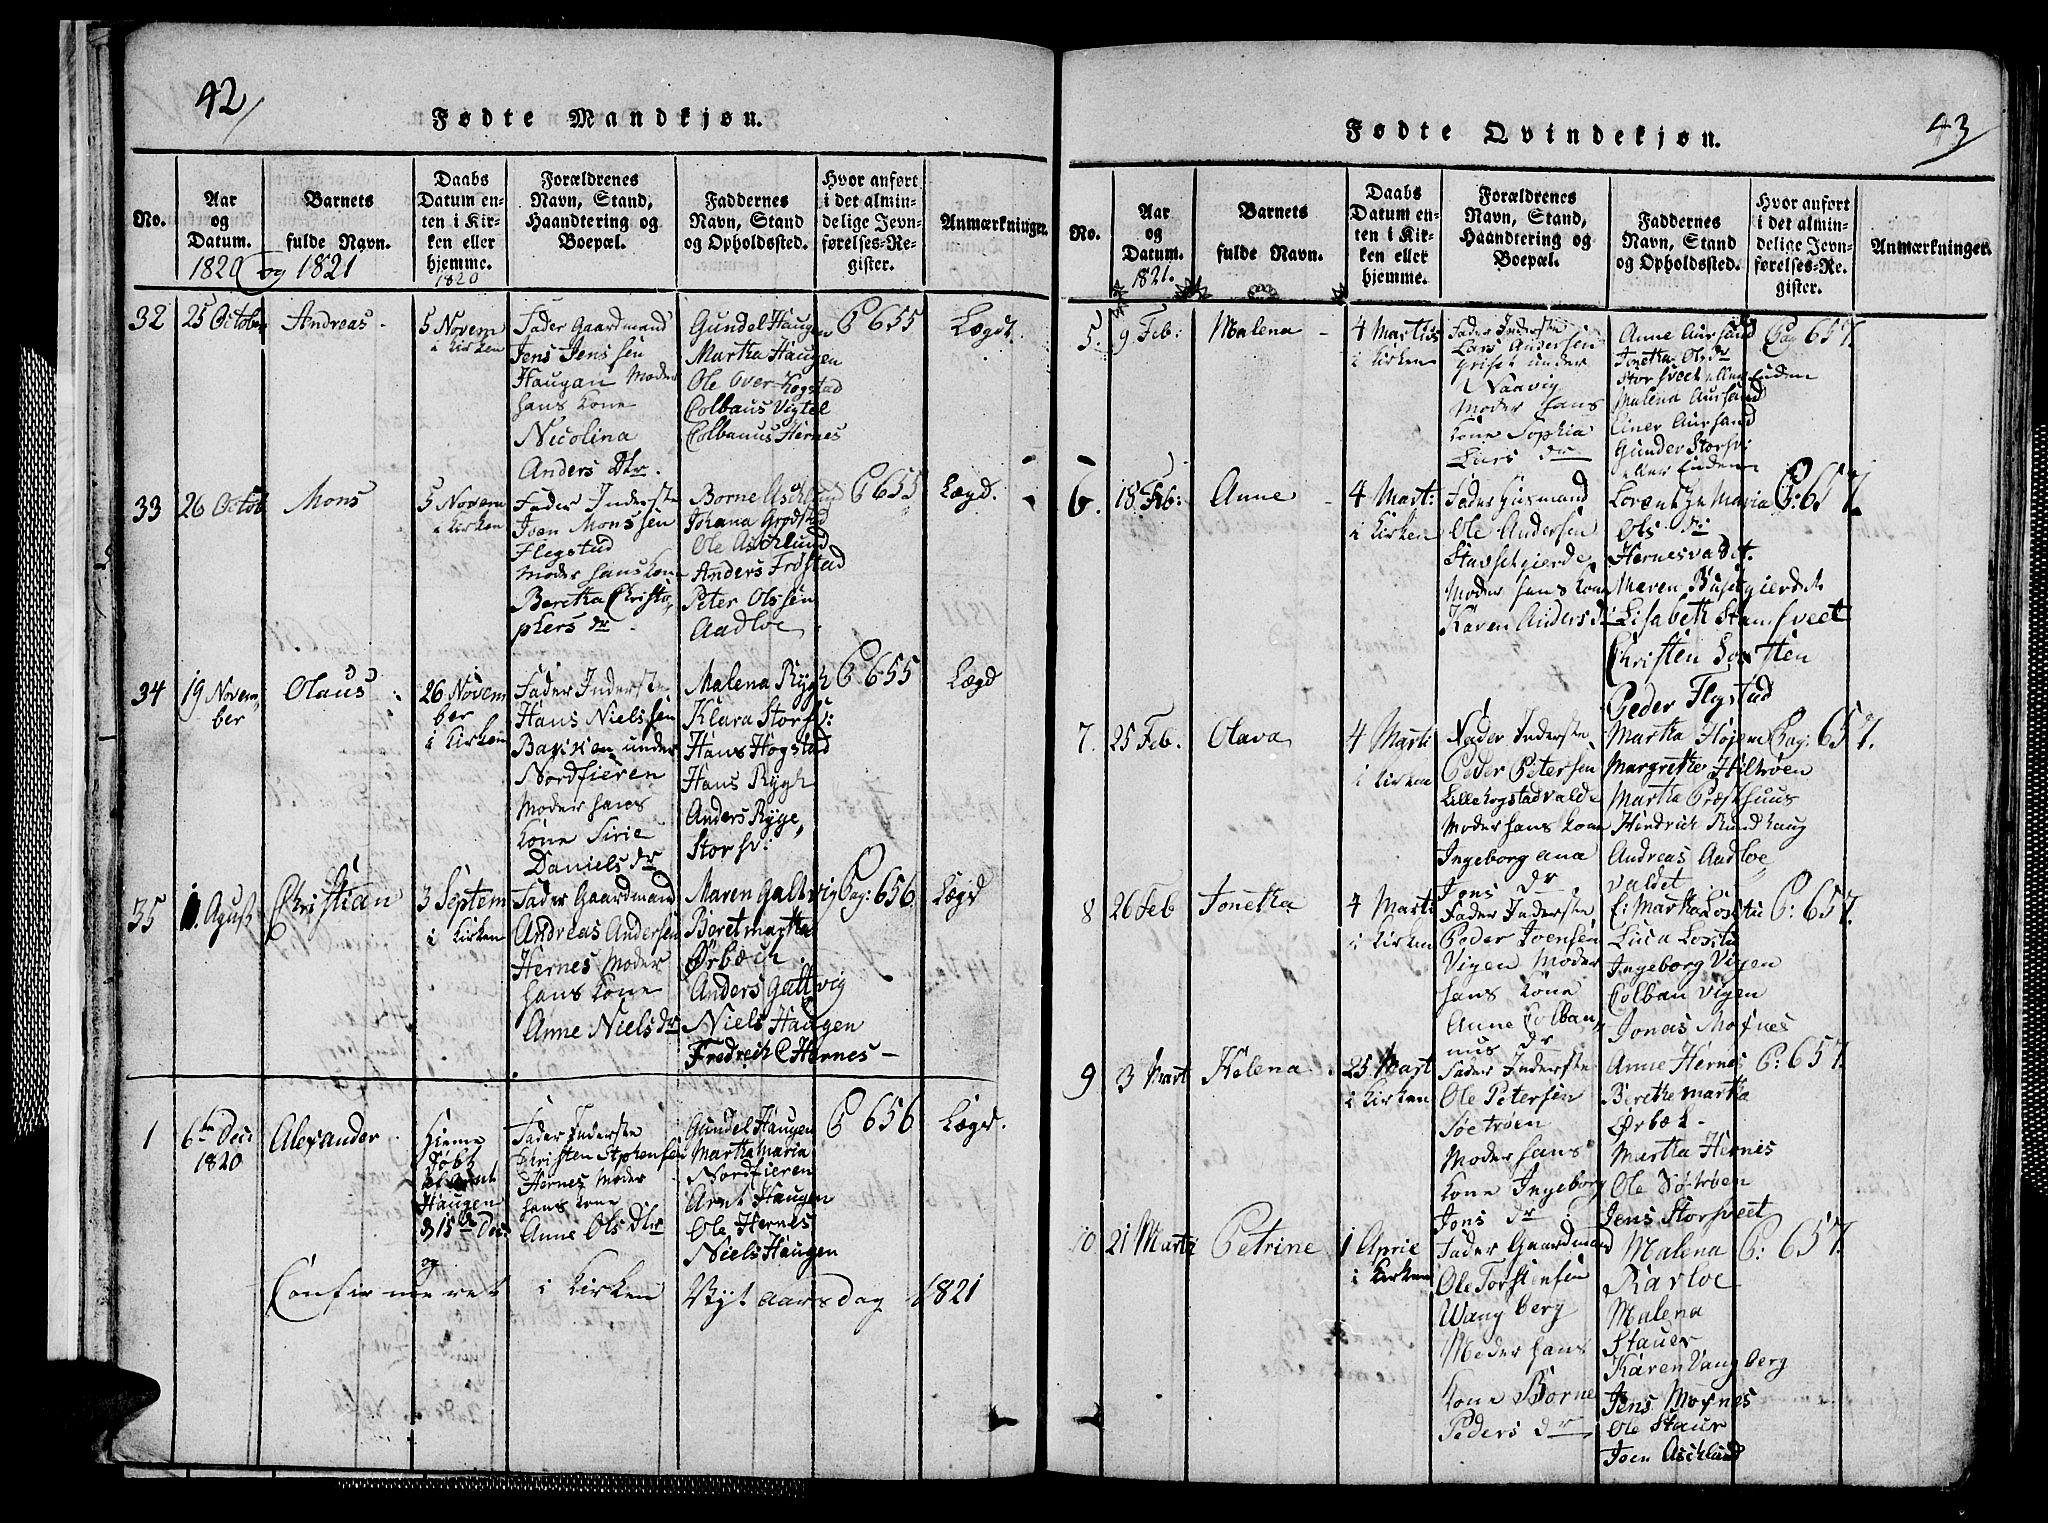 SAT, Ministerialprotokoller, klokkerbøker og fødselsregistre - Nord-Trøndelag, 713/L0124: Klokkerbok nr. 713C01, 1817-1827, s. 42-43